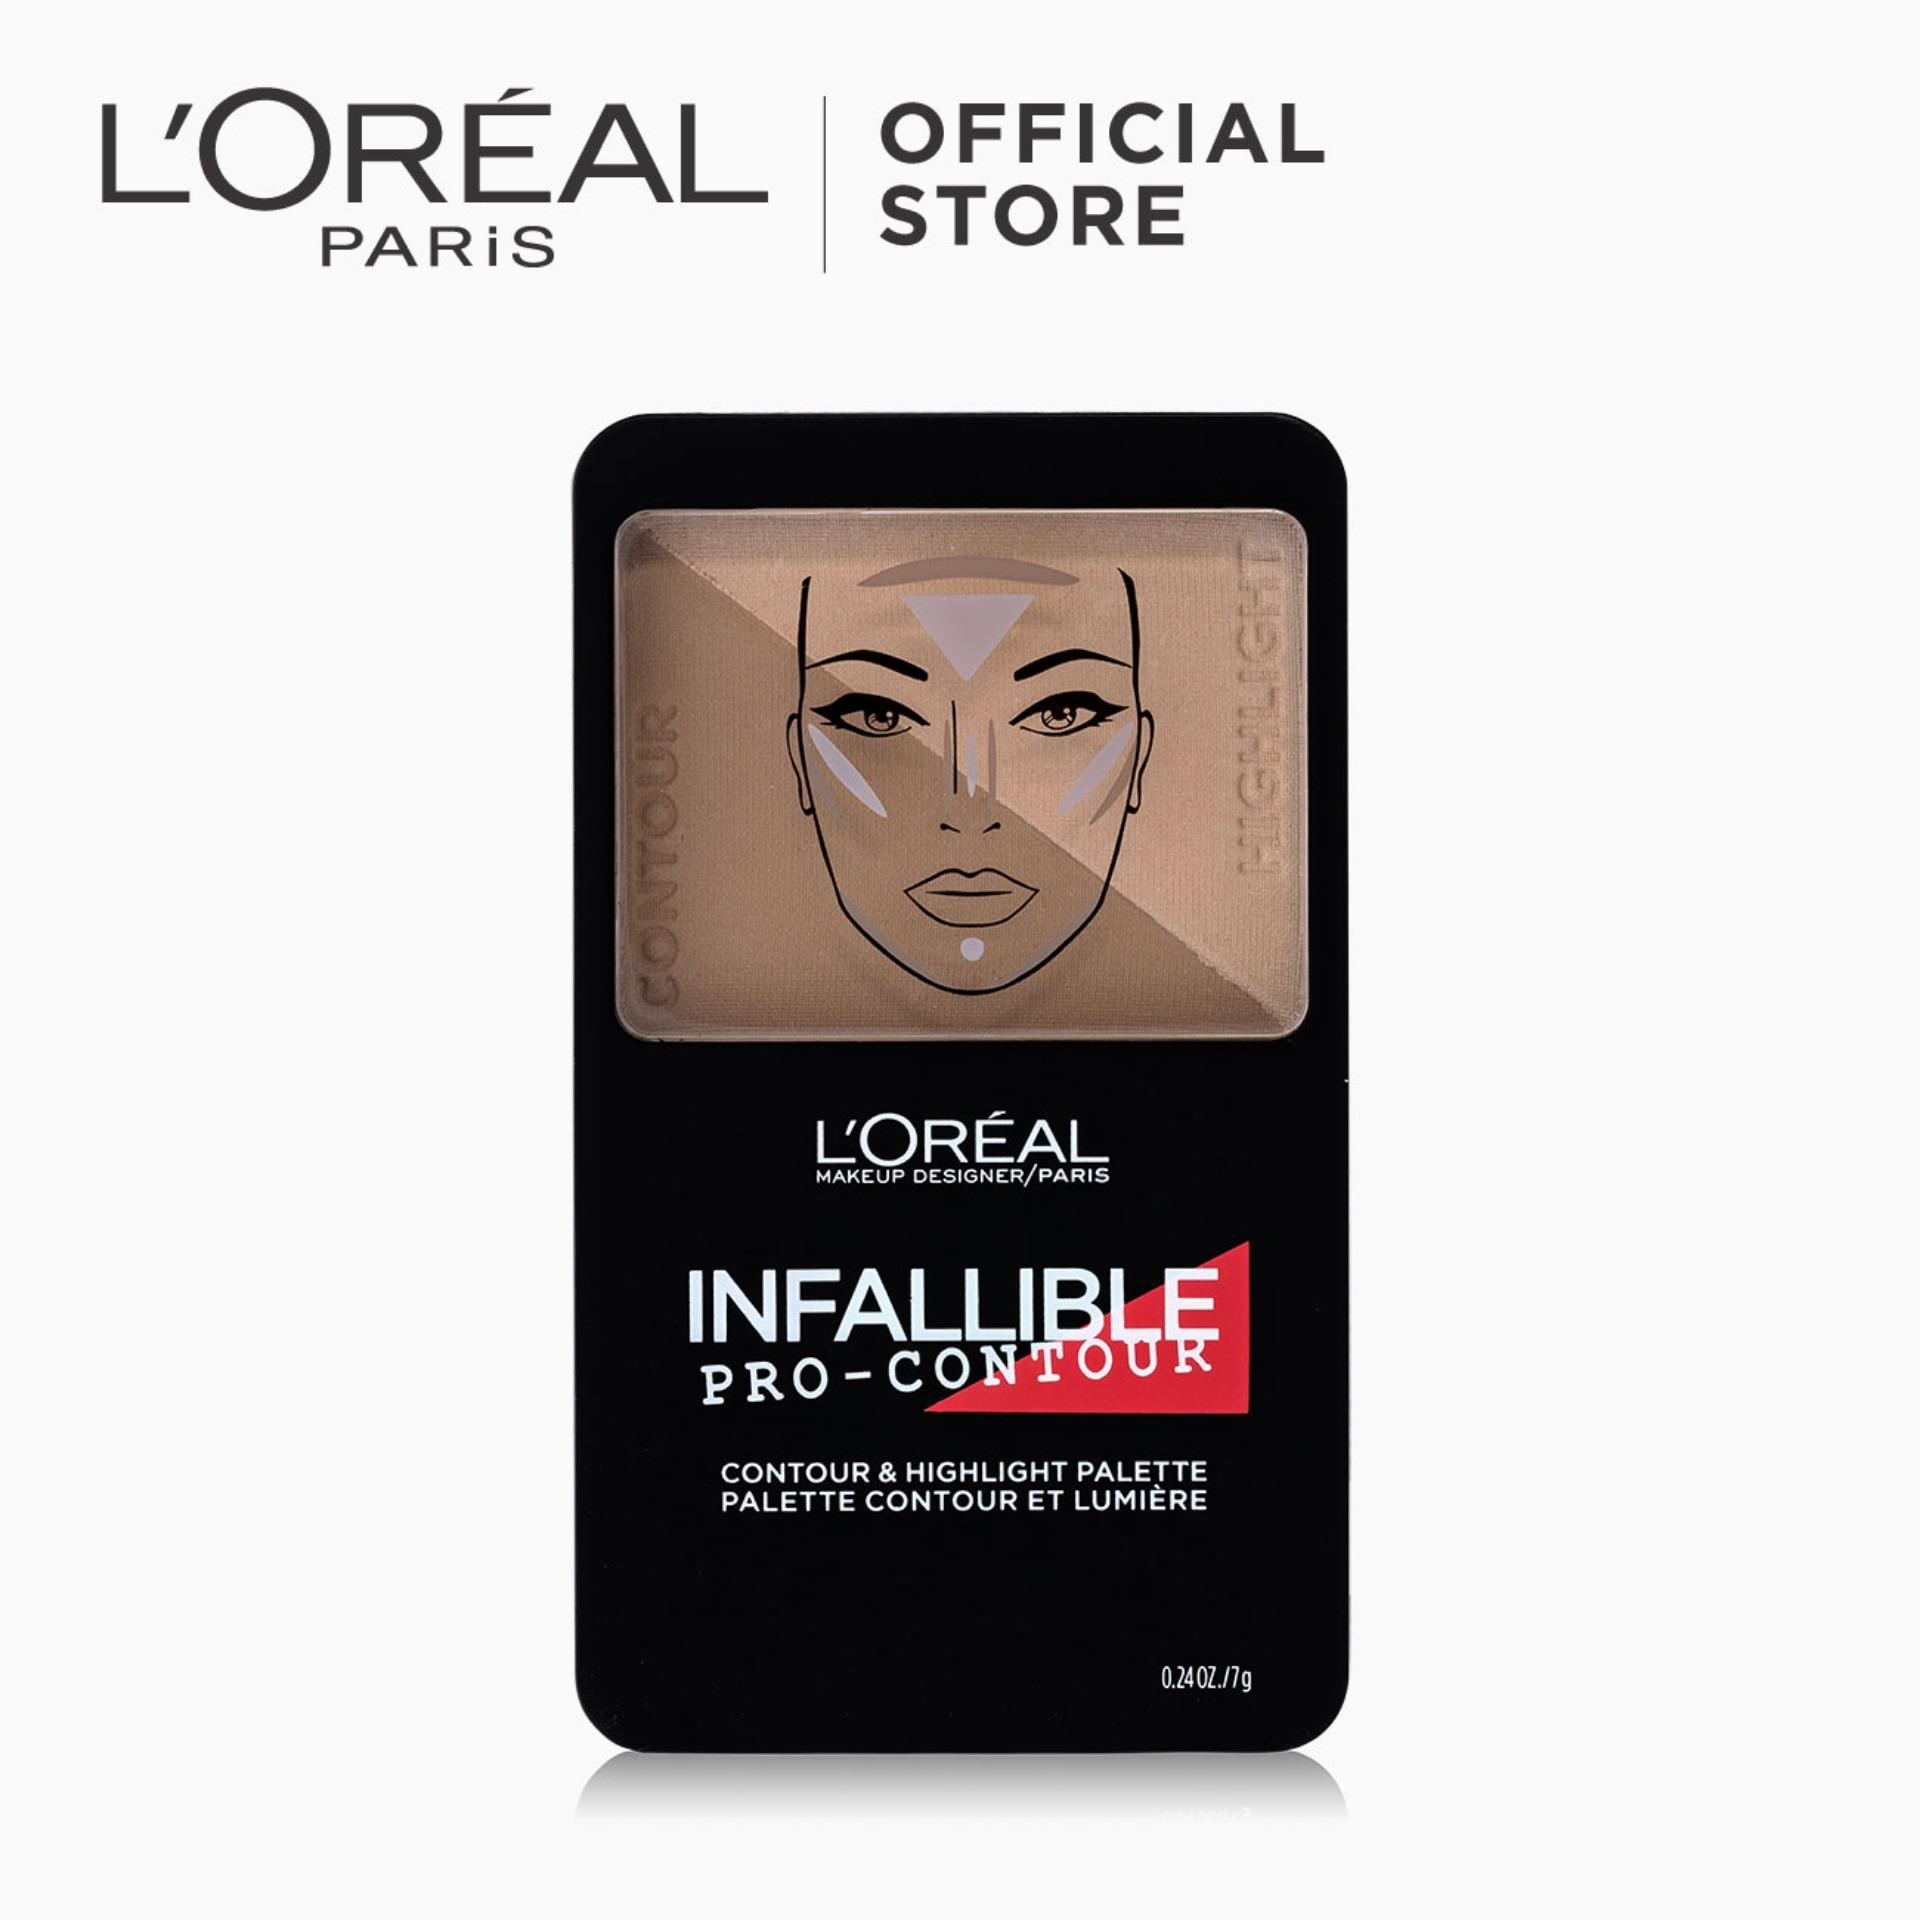 Infallible Pro-Contour & Highlight Palette - Medium [#NeverFail] by LOréal Paris Philippines